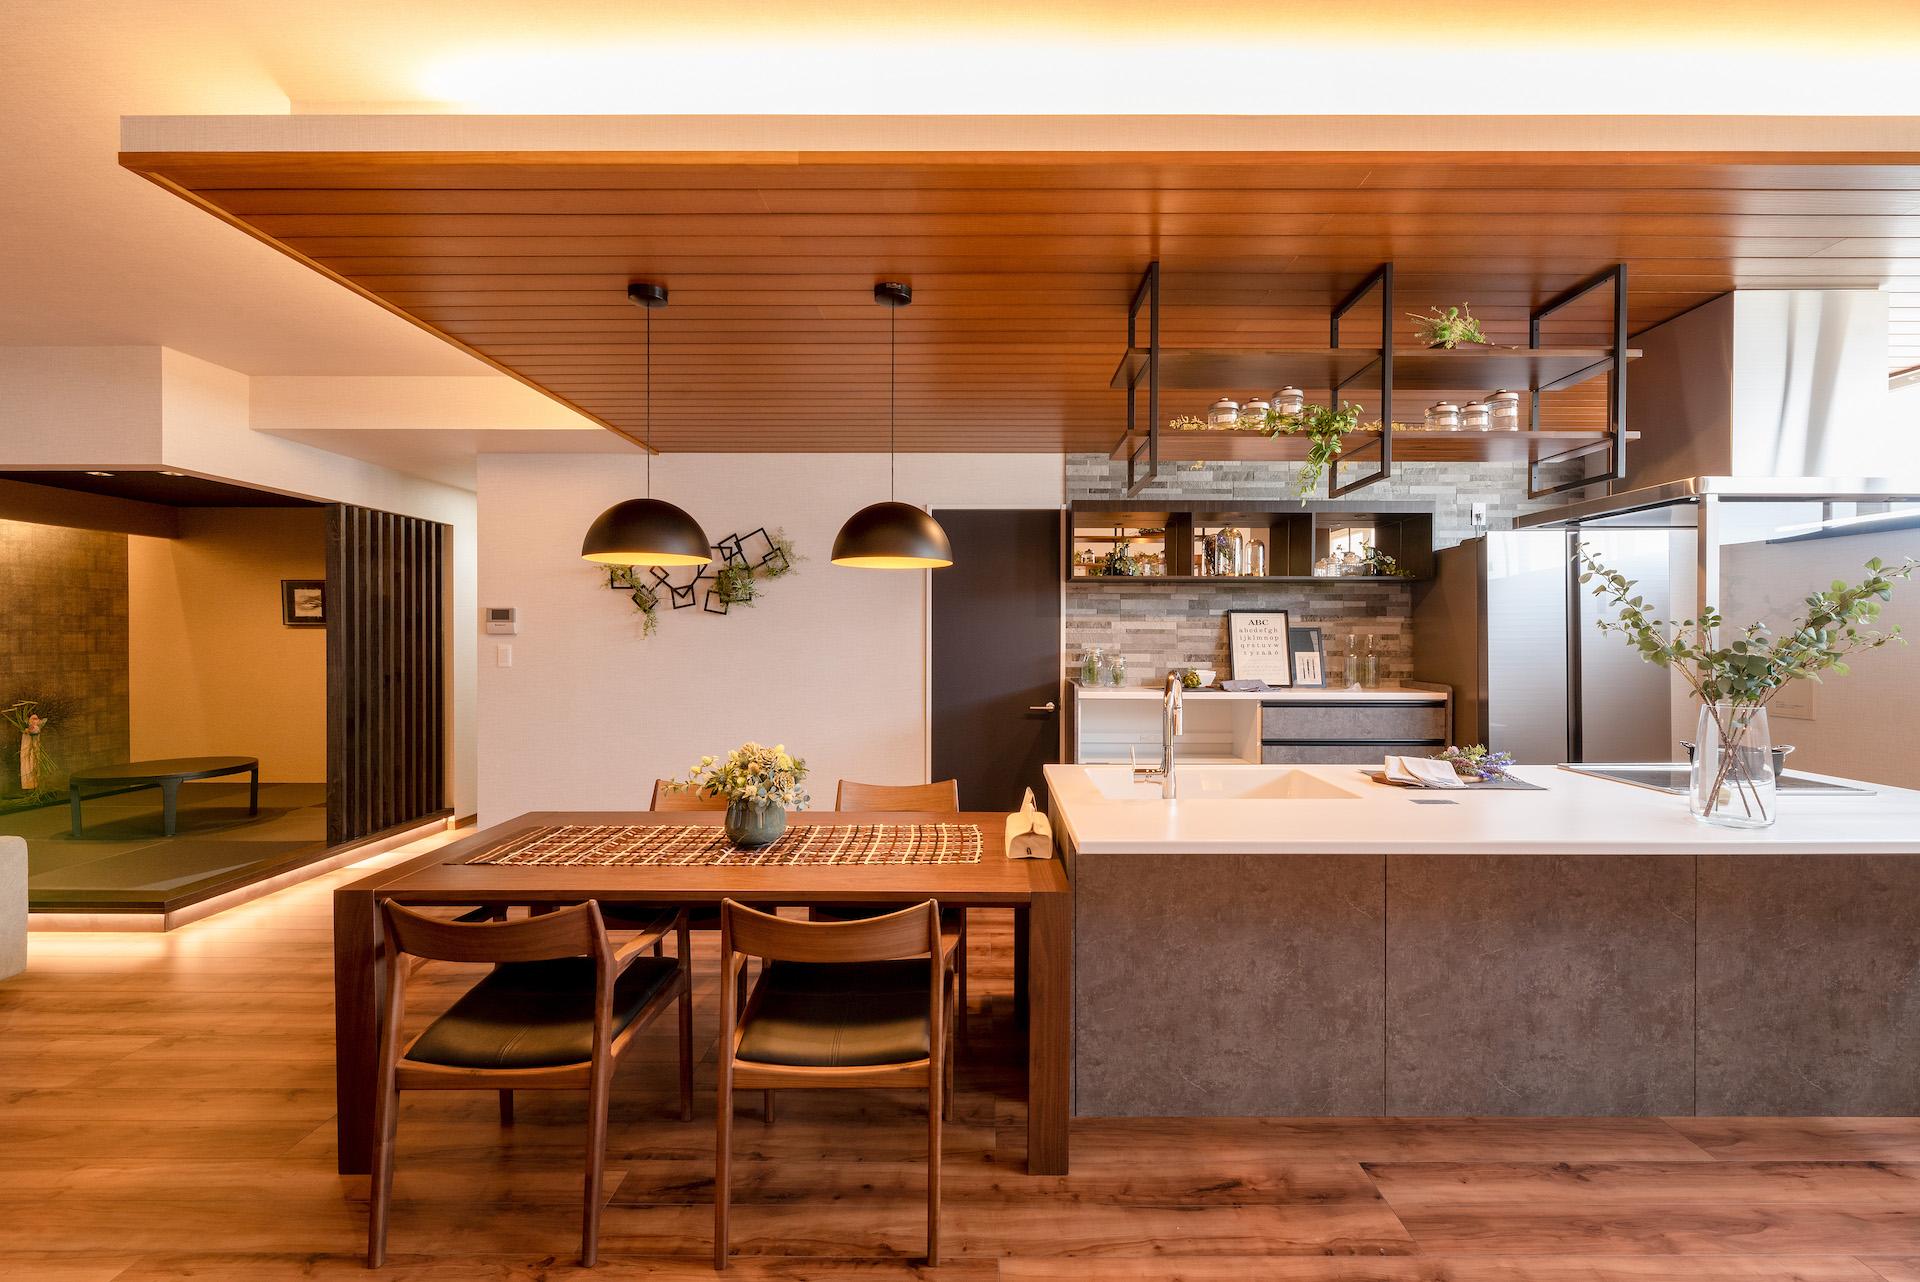 irohaco (アヴァンス)【駿東郡清水町堂庭241-22・モデルハウス】2階のショールームは、等身大のLDKを公開。家具や照明、グリーン、雑貨など、インテリアのコーディネートも参考になる